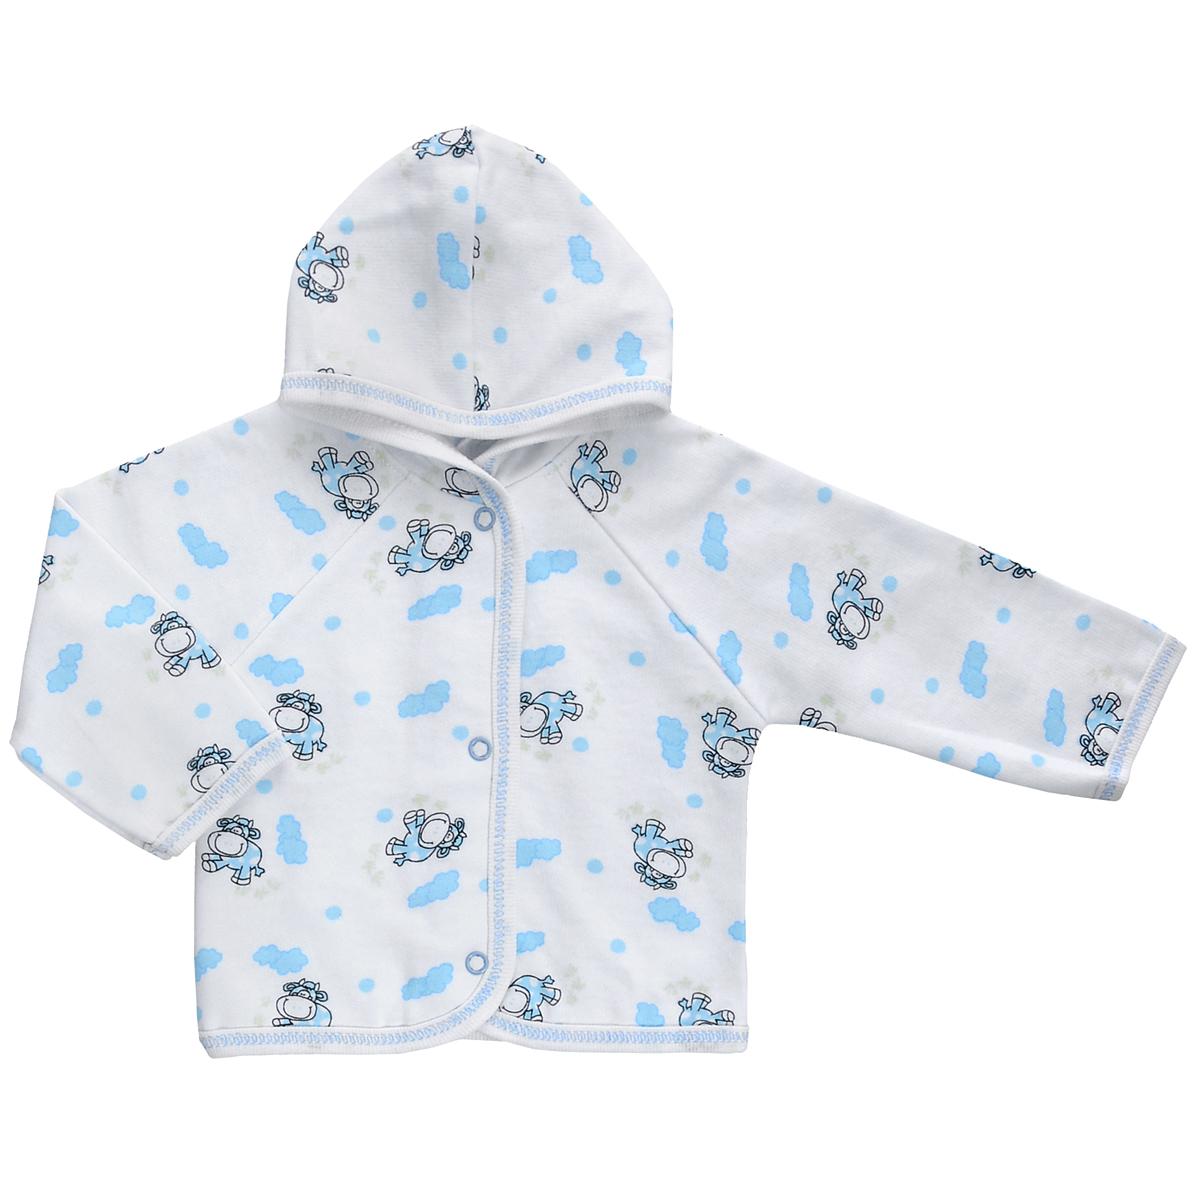 Кофточка детская Трон-плюс, цвет: белый, голубой, рисунок коровы. 5172. Размер 68, 6 месяцев5172Теплая кофточка Трон-плюс идеально подойдет вашему младенцу и станет идеальным дополнением к гардеробу вашего ребенка, обеспечивая ему наибольший комфорт. Изготовленная из футера - натурального хлопка, она необычайно мягкая и легкая, не раздражает нежную кожу ребенка и хорошо вентилируется, а эластичные швы приятны телу малыша и не препятствуют его движениям. Удобные застежки-кнопки по всей длине помогают легко переодеть младенца. Модель с длинными рукавами-реглан дополнена капюшоном. По краям кофточка обработана бейкой и украшена оригинальным принтом.Кофточка полностью соответствует особенностям жизни ребенка в ранний период, не стесняя и не ограничивая его в движениях.